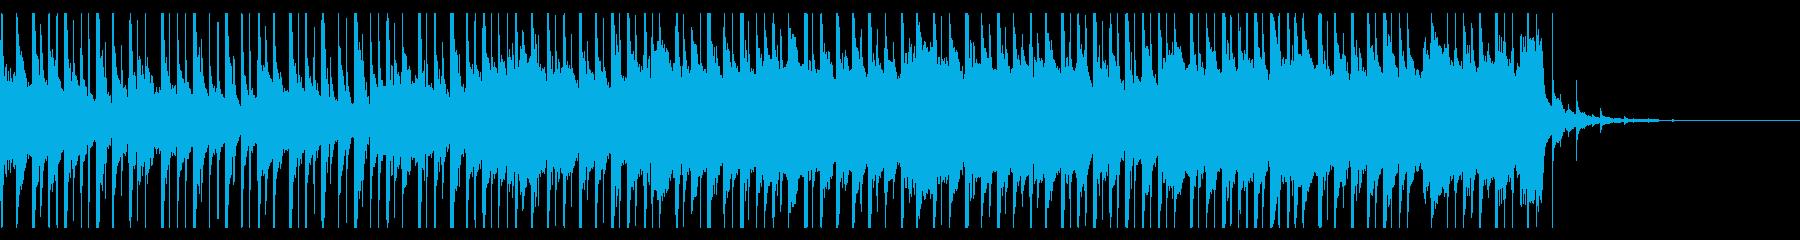 成功の構築(30秒)の再生済みの波形